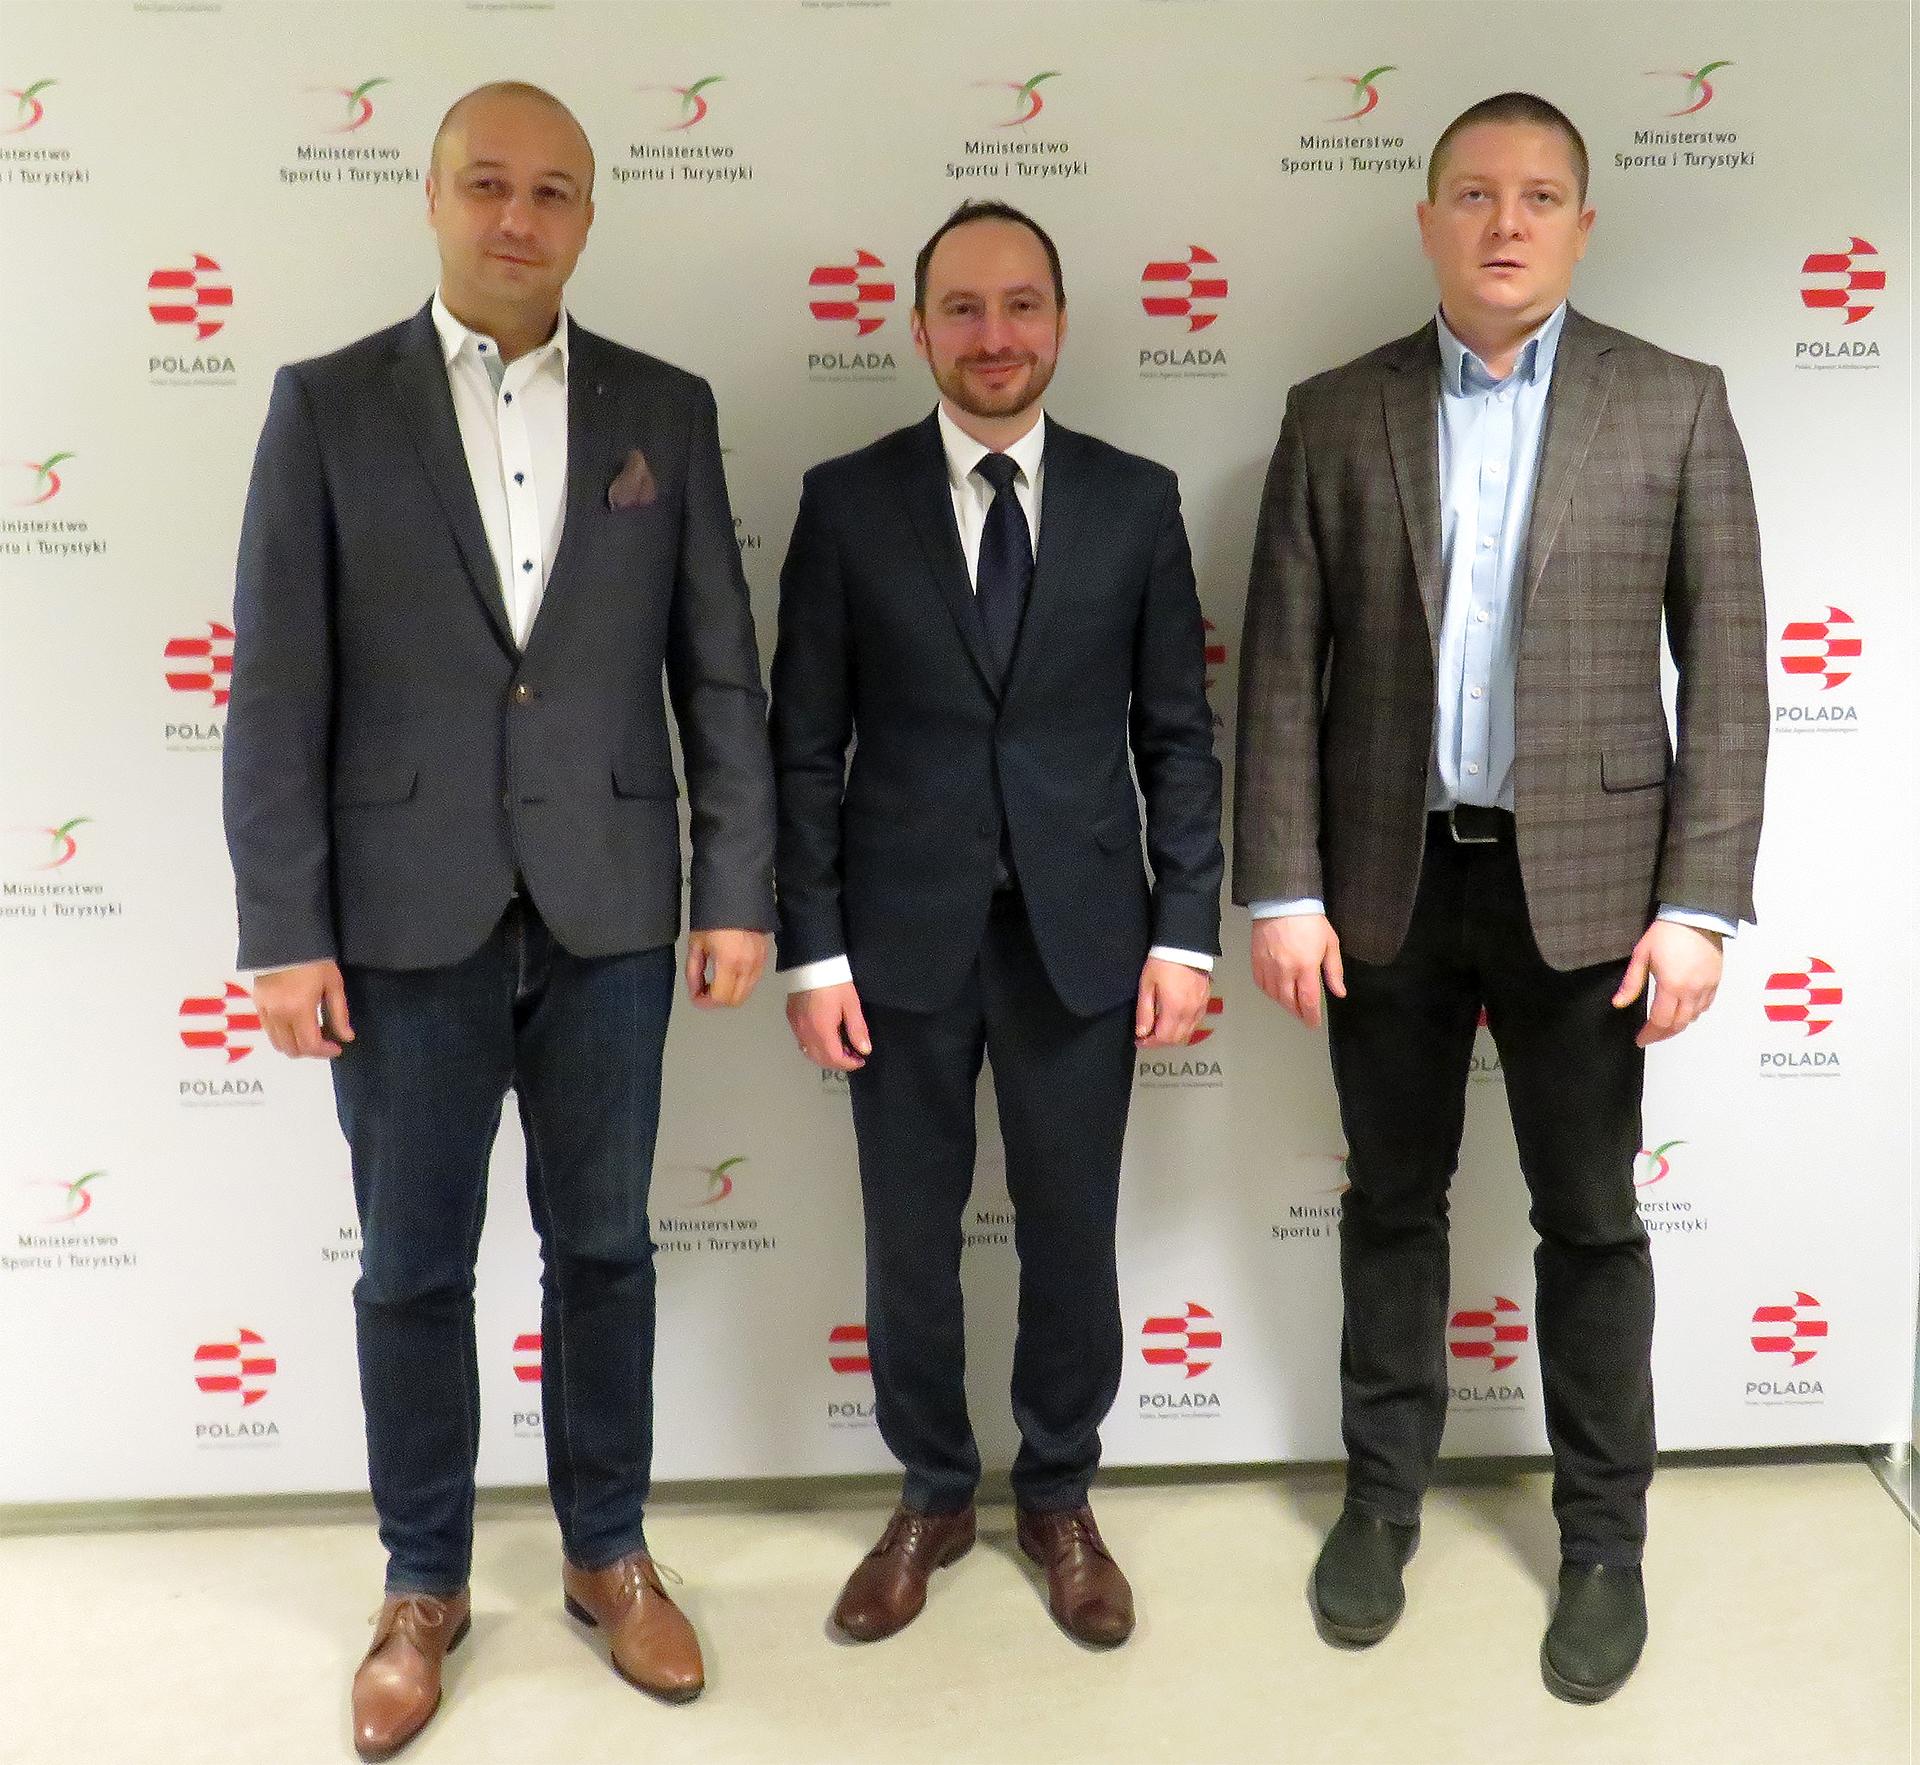 Ekstraliga Żużlowa i POLADA podpisały umowę